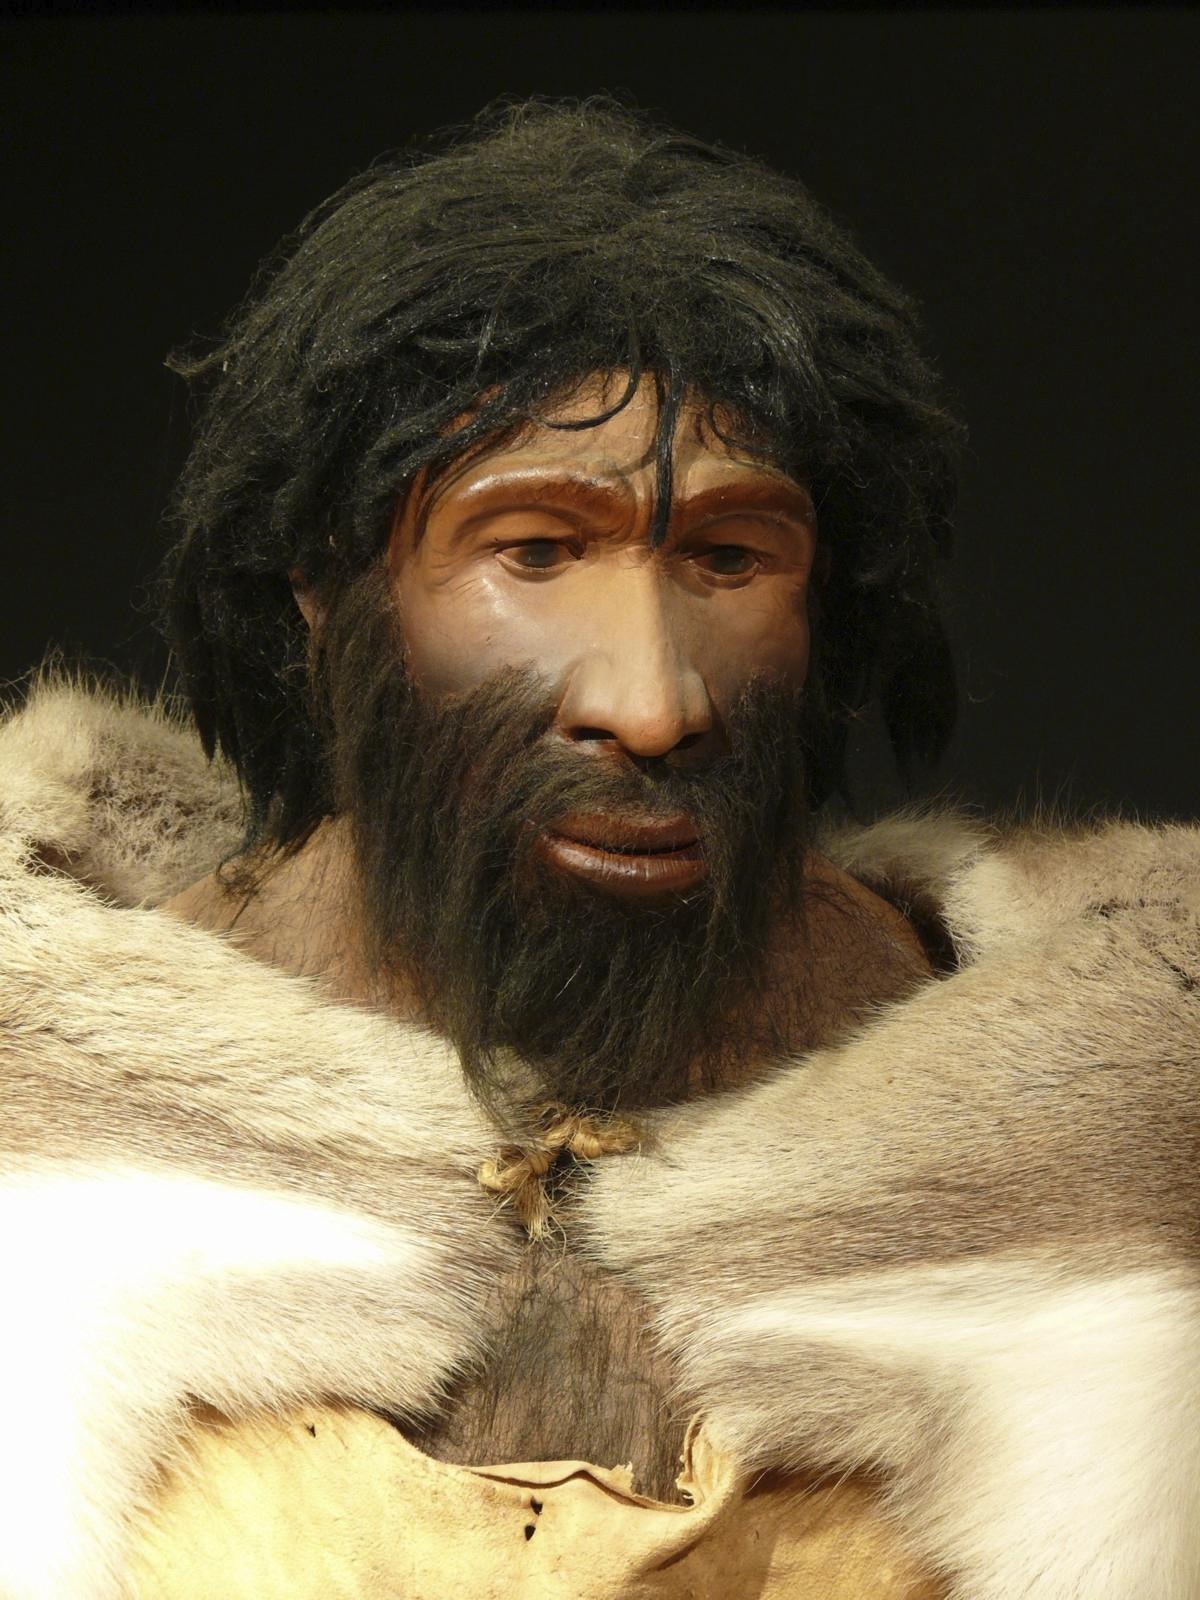 NeanderthalHomo Sapiens Hybrid Essay